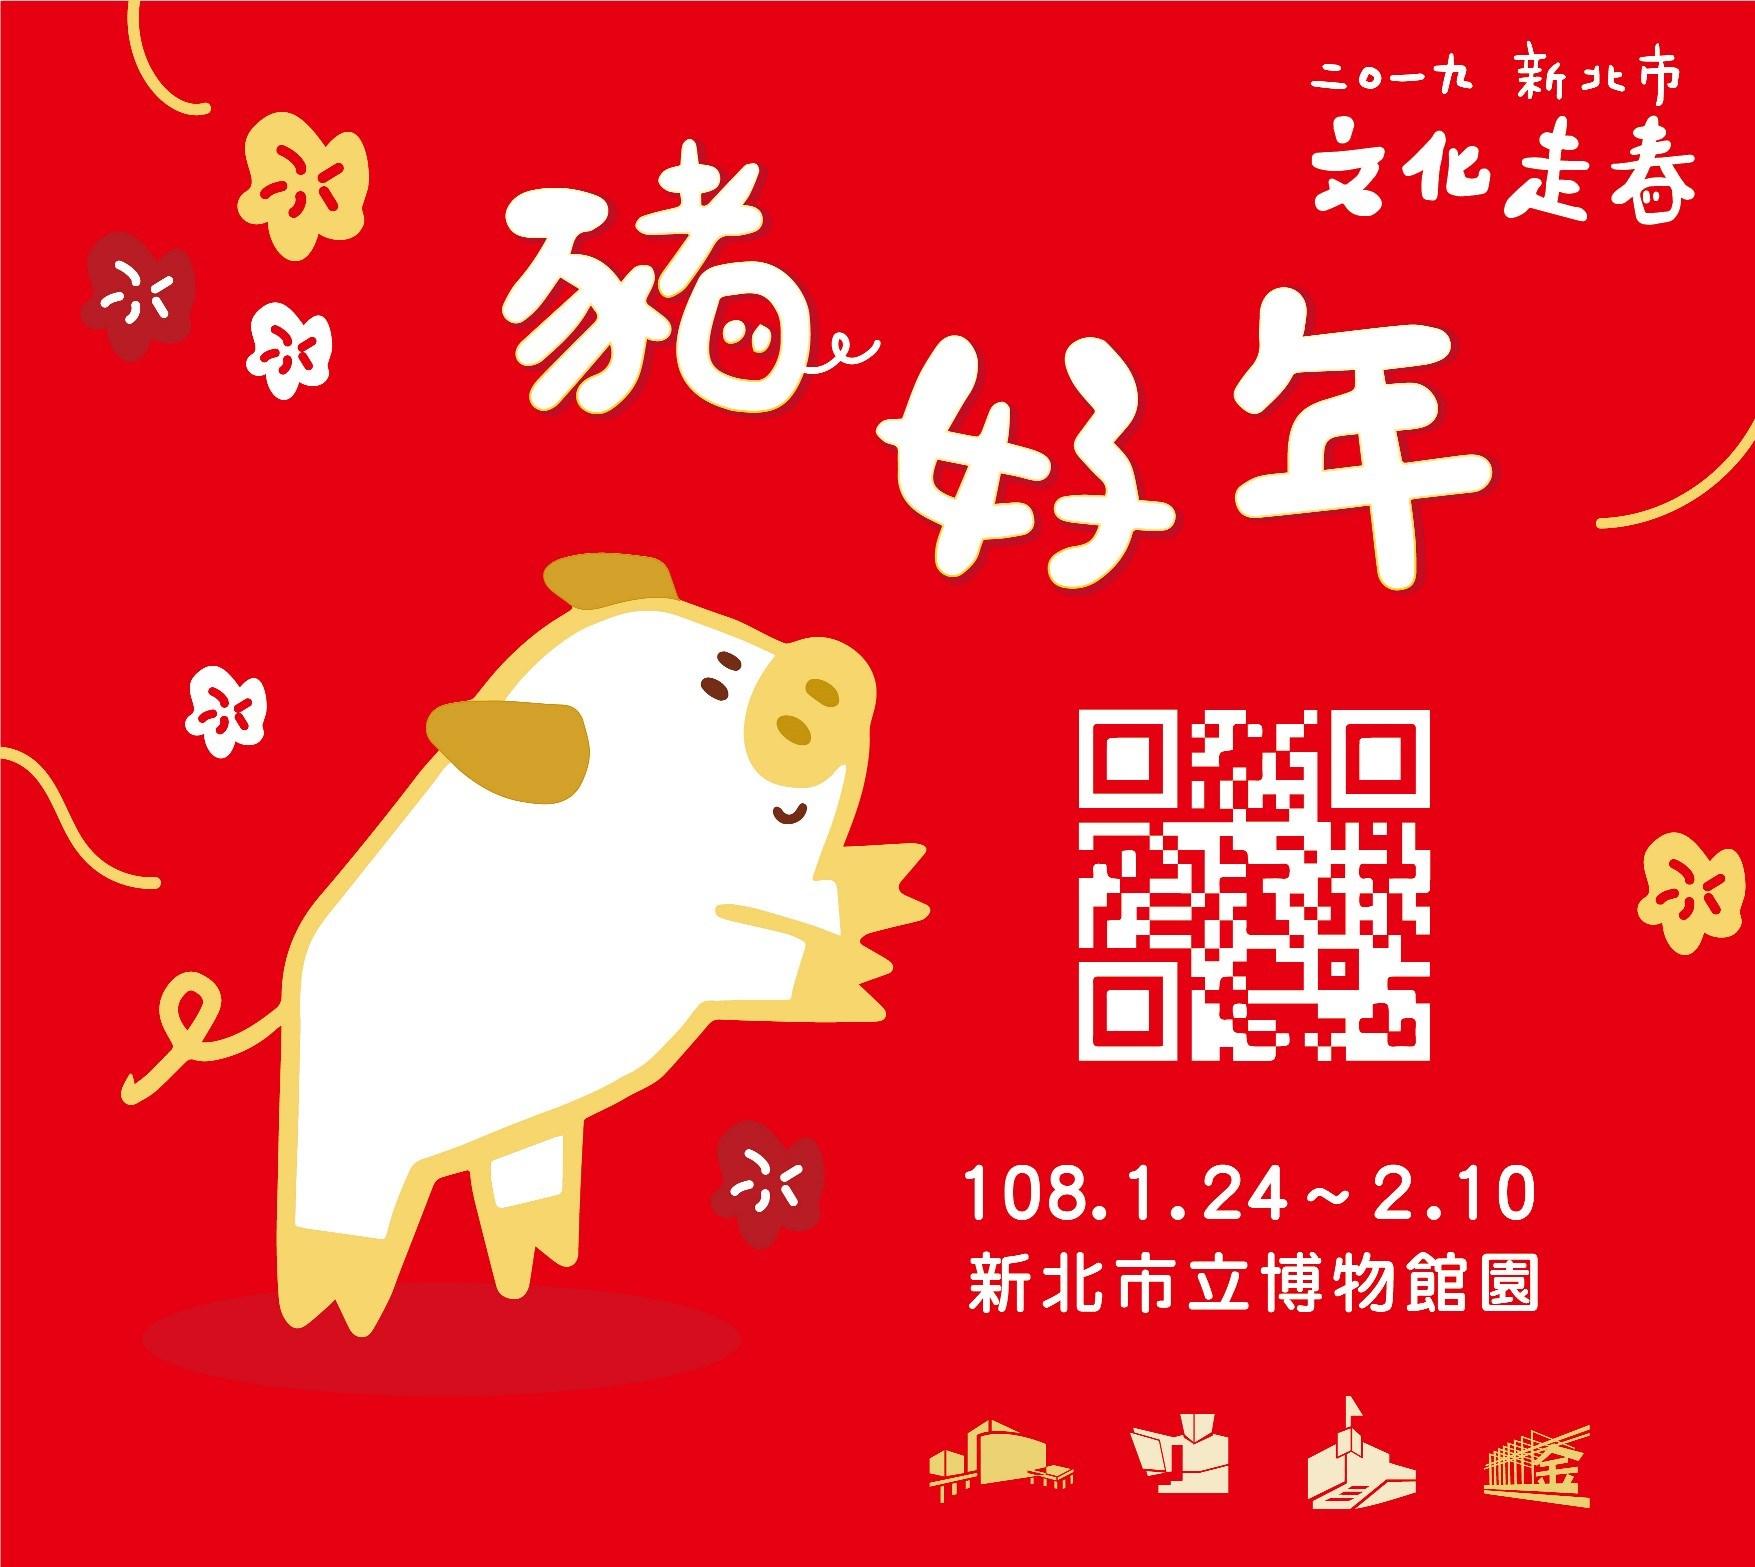 2019新北市文化走春- 豬好年